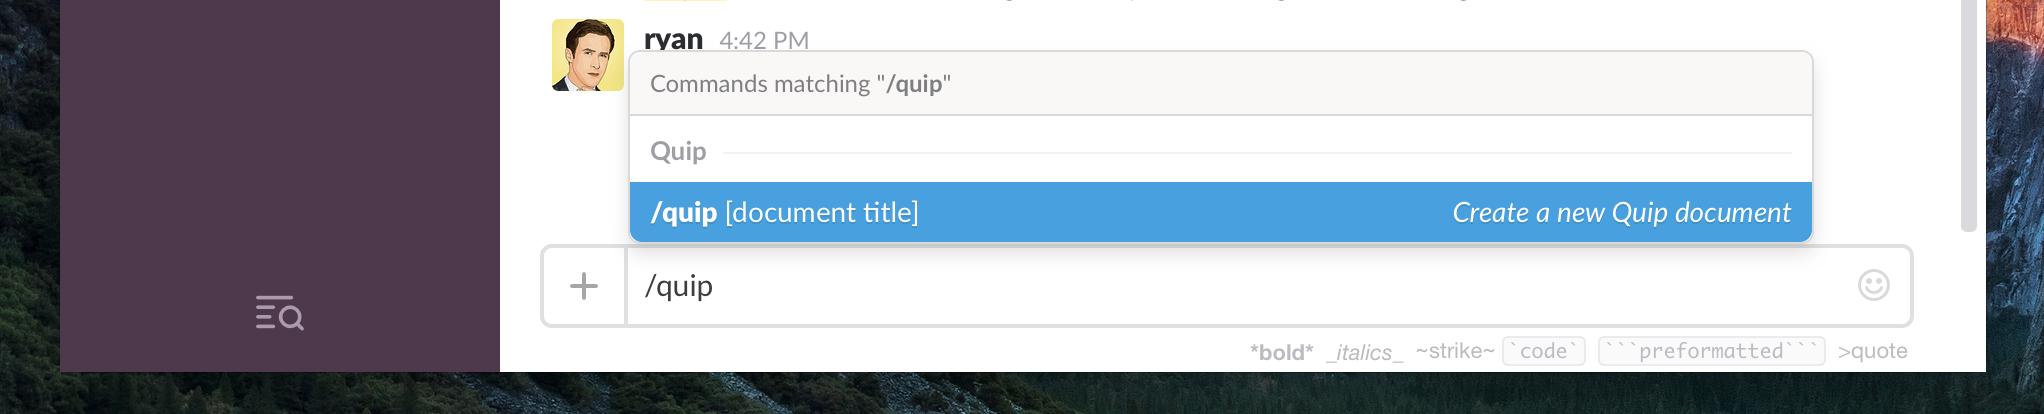 Create Quip Doc in Slack